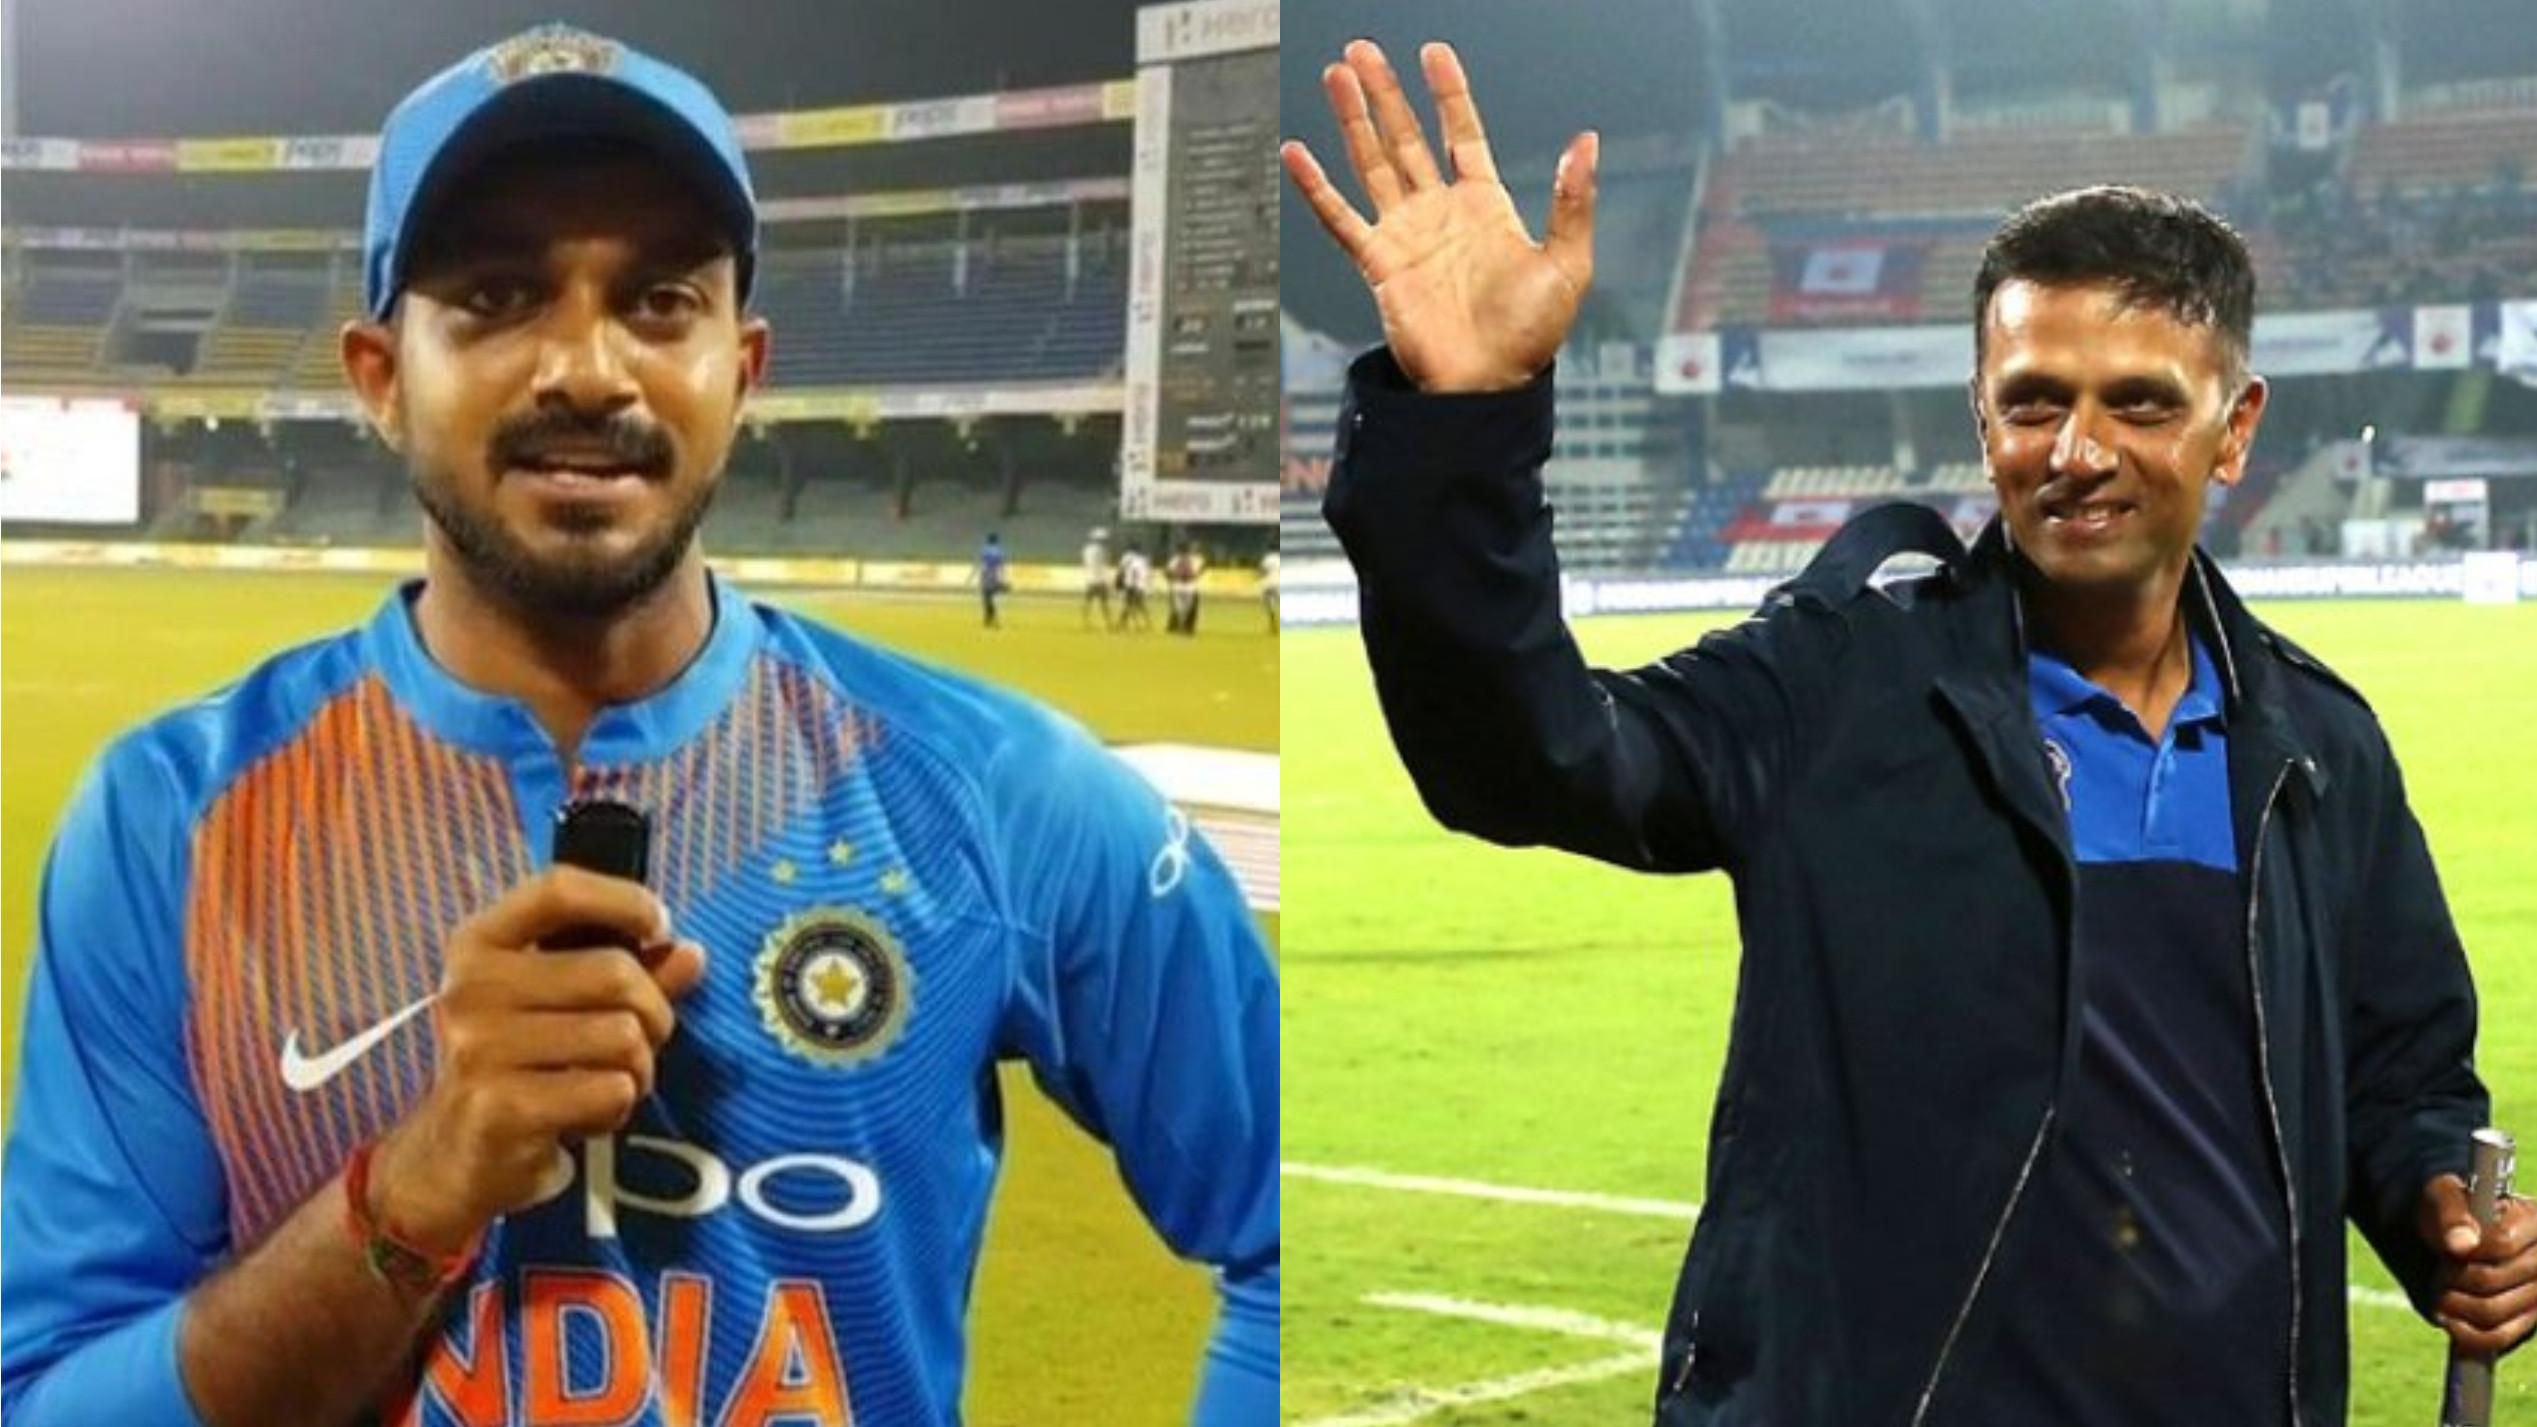 विजय शंकर ने राहुल द्रविड़ के उन्हें न.५ पर बल्लेबाज़ी करवाने के निर्णय की सराहना की